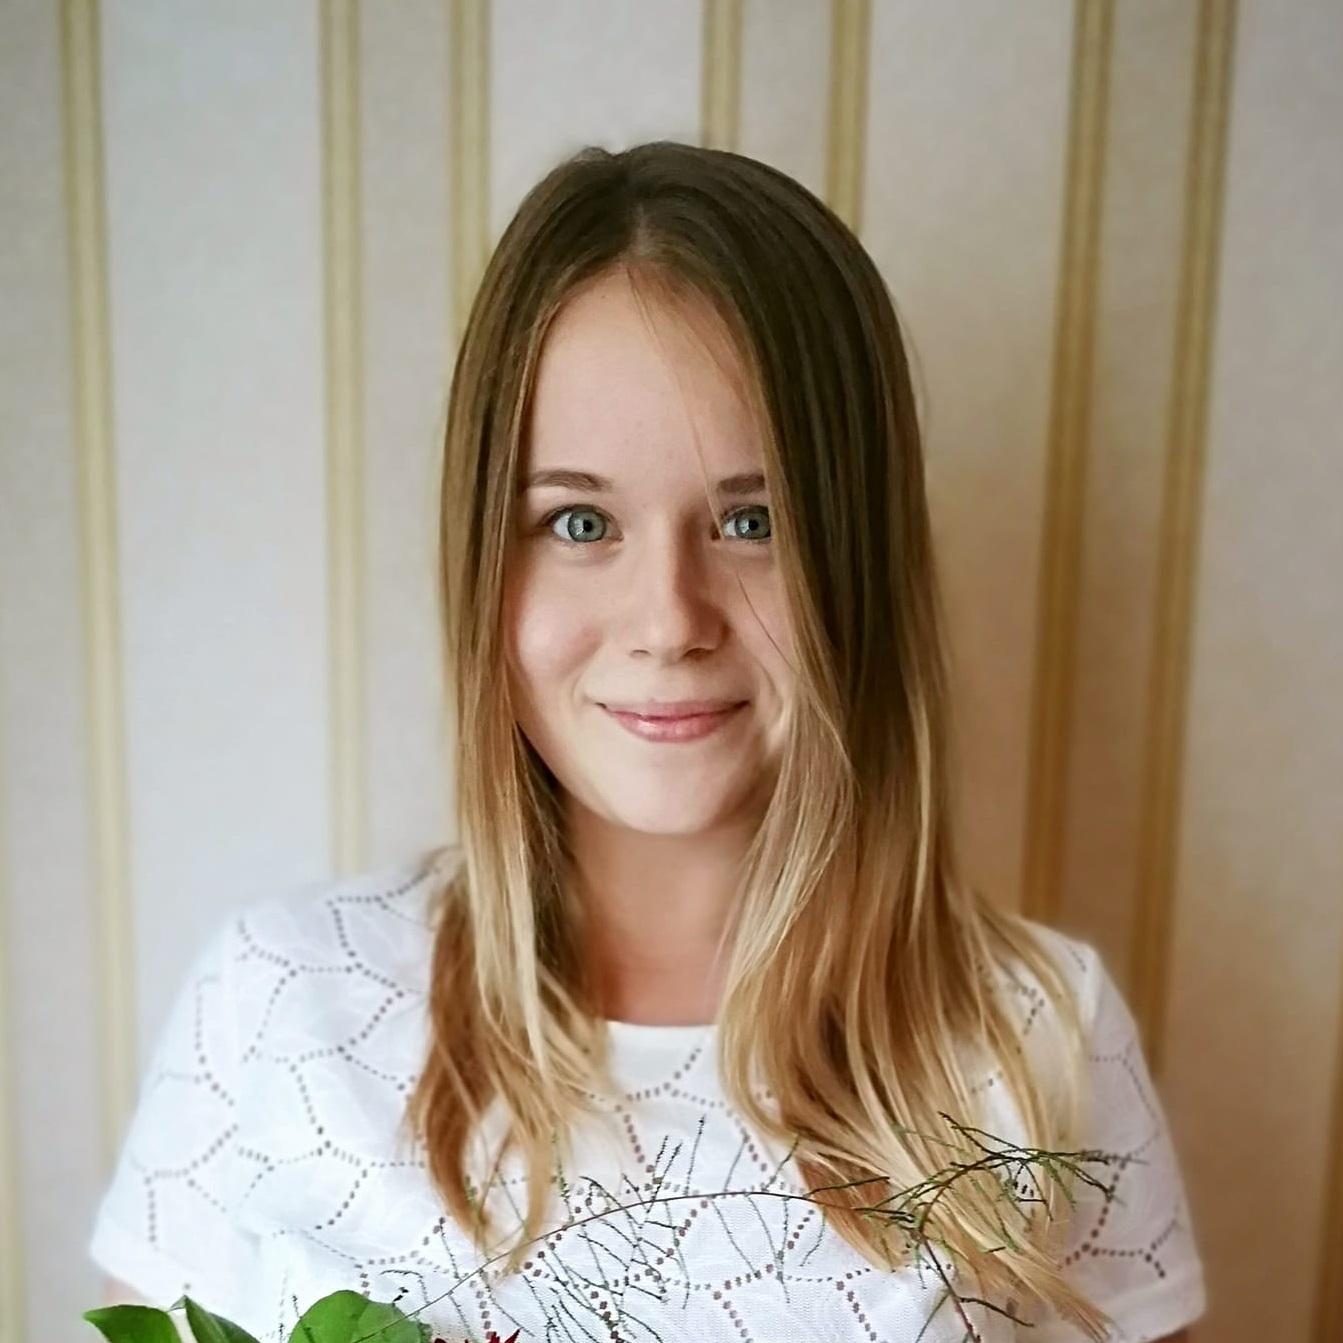 Sille-Liis Männik